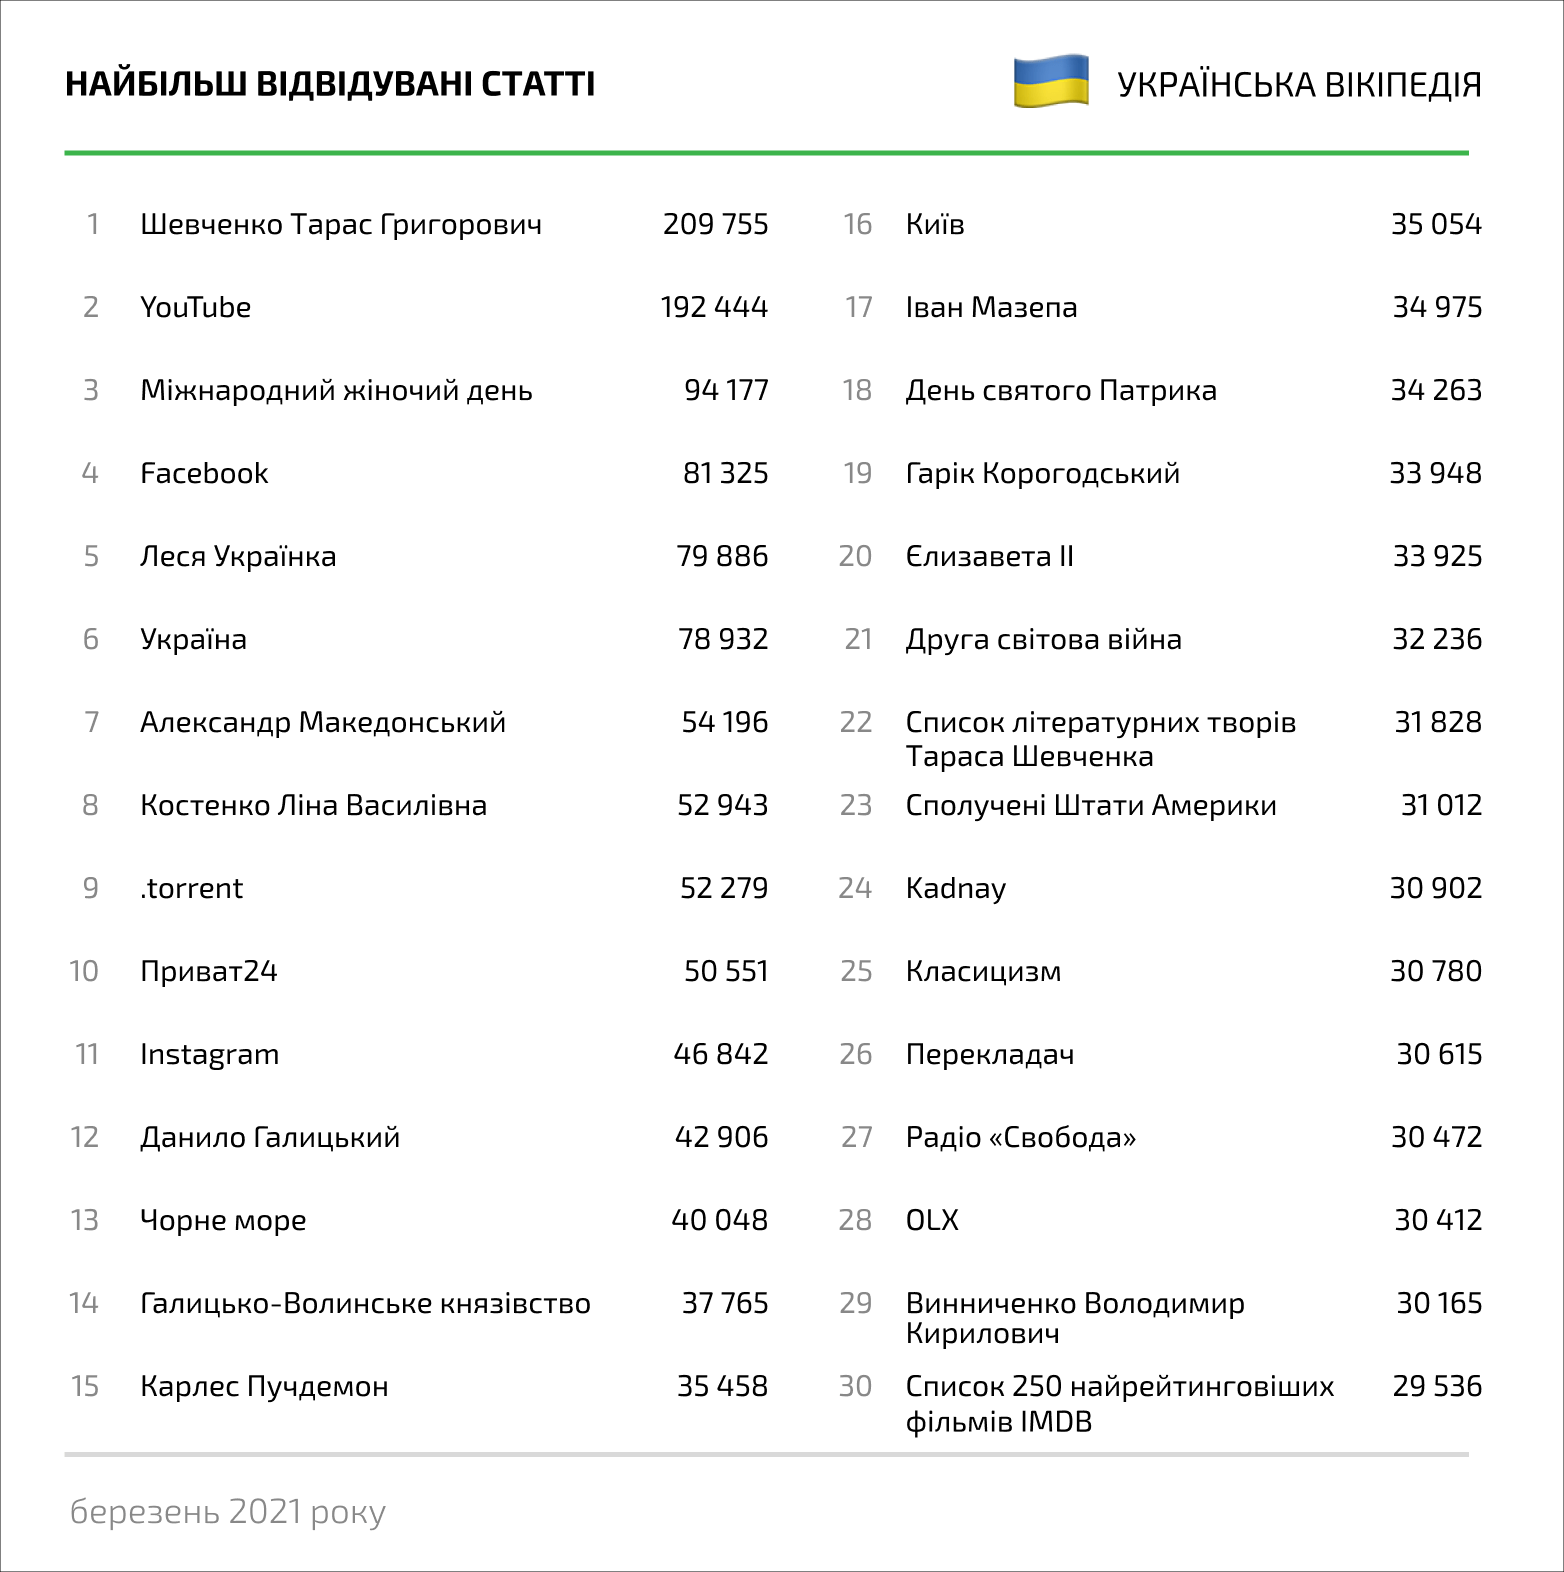 Топ статей за переглядами, березень 2021 року, українська Вікіпедія